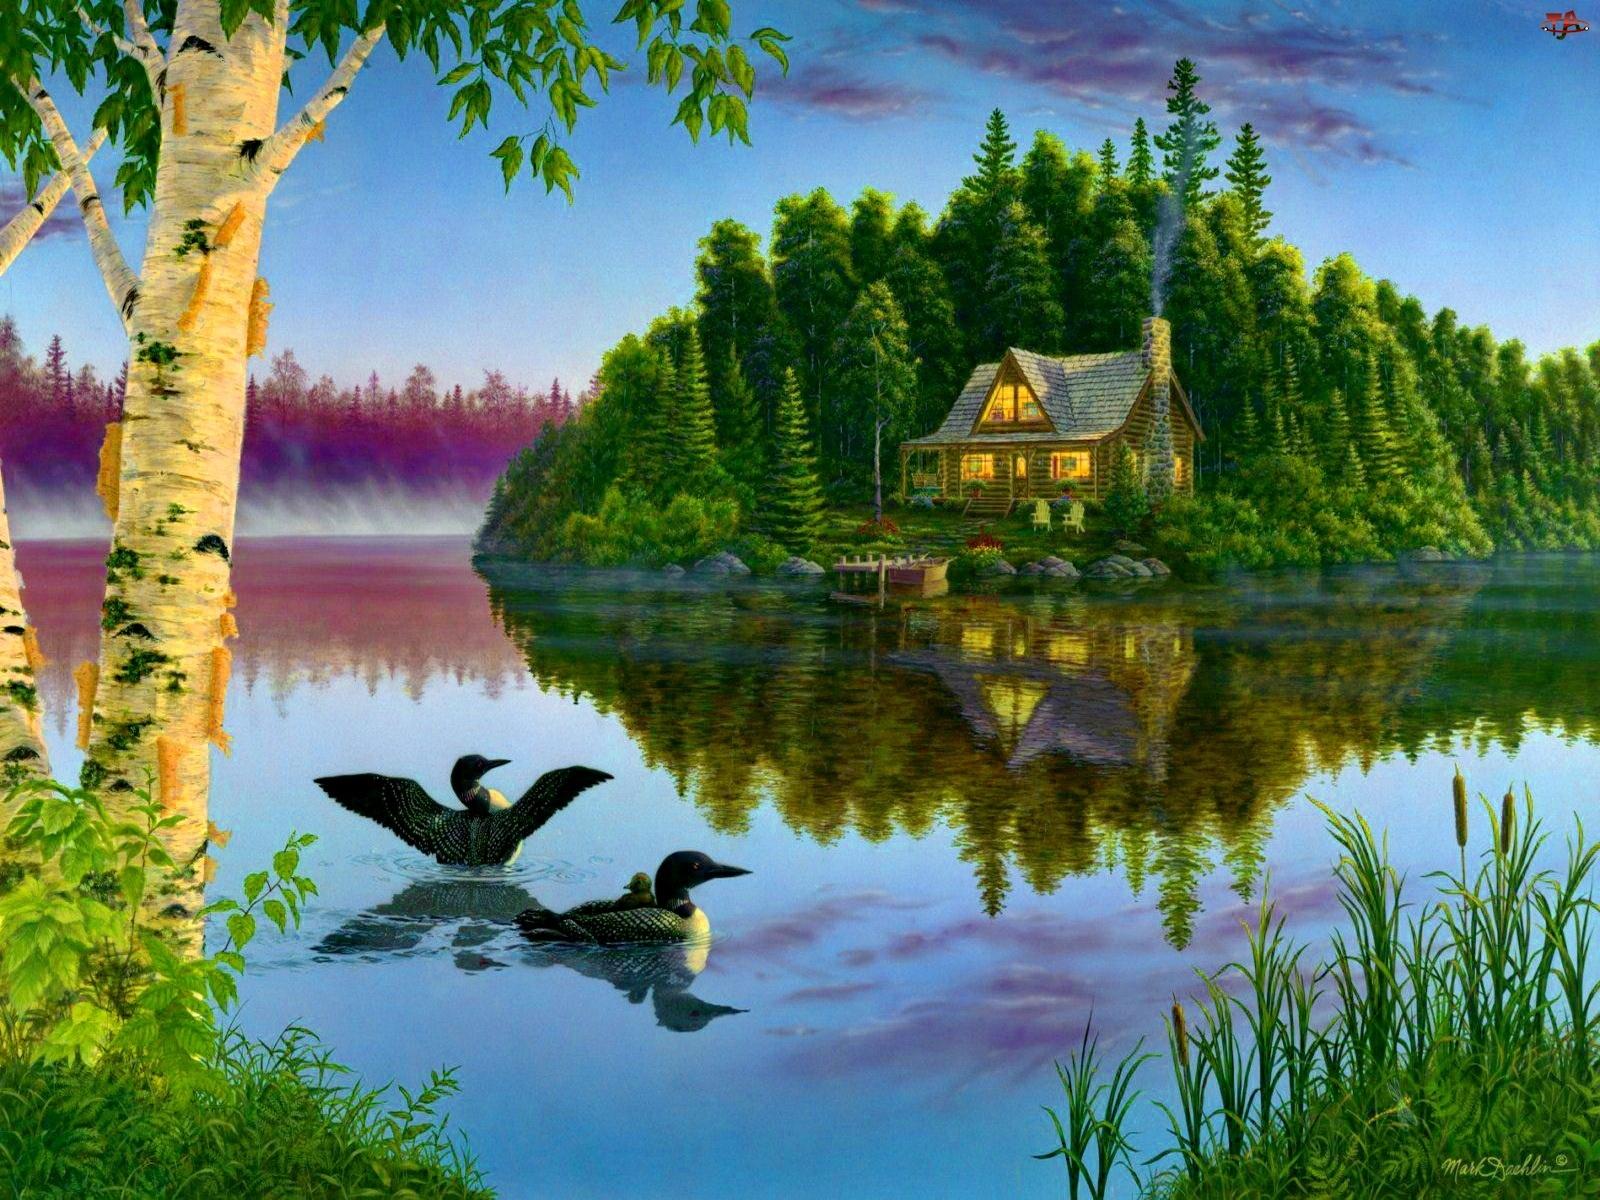 Malarstwo, Jezioro, Dom, Kaczki, Widok